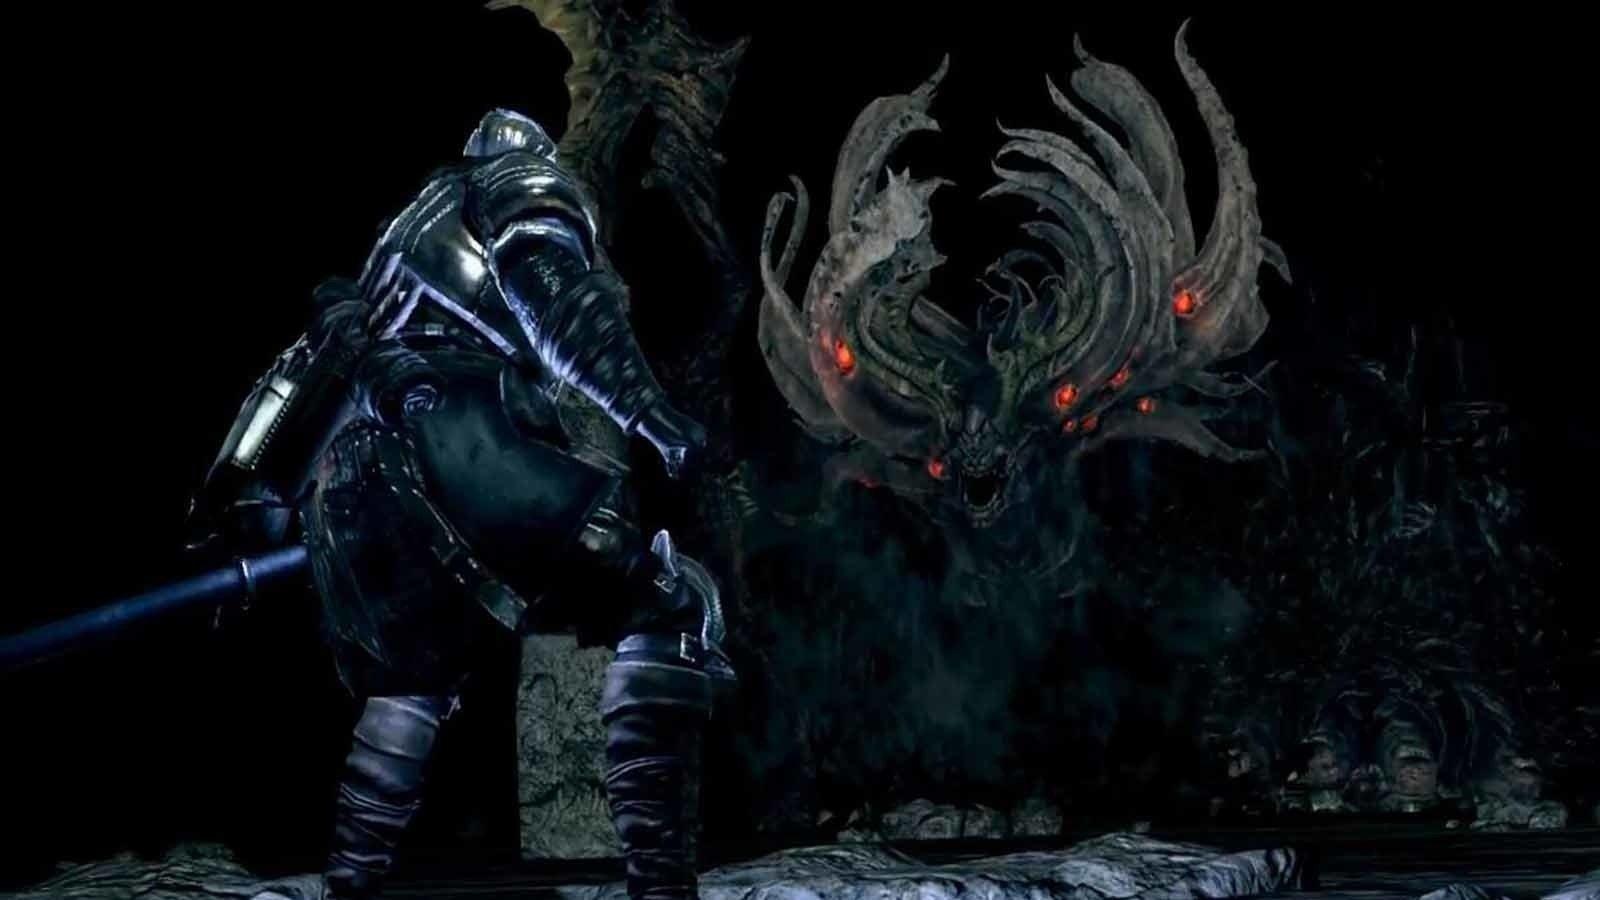 NS《黑暗之魂 复刻版》公布五分钟介绍影像,10月18日发售